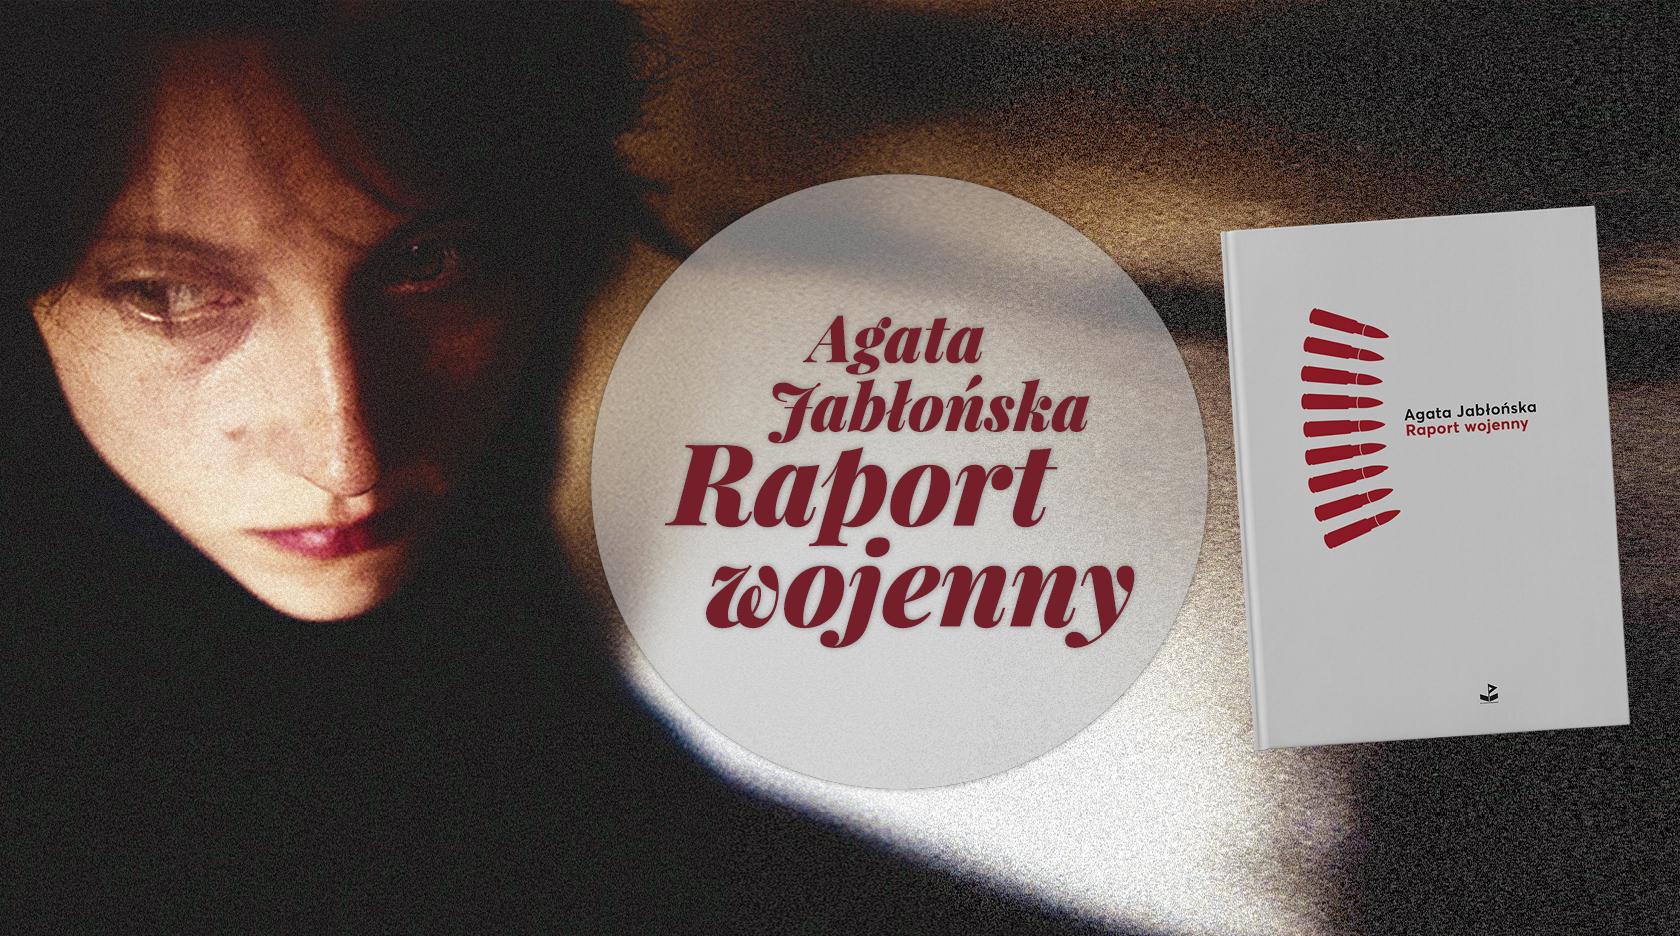 BL Img 2017.11.20 Agata JABŁOŃSKA Raport wojenny_www